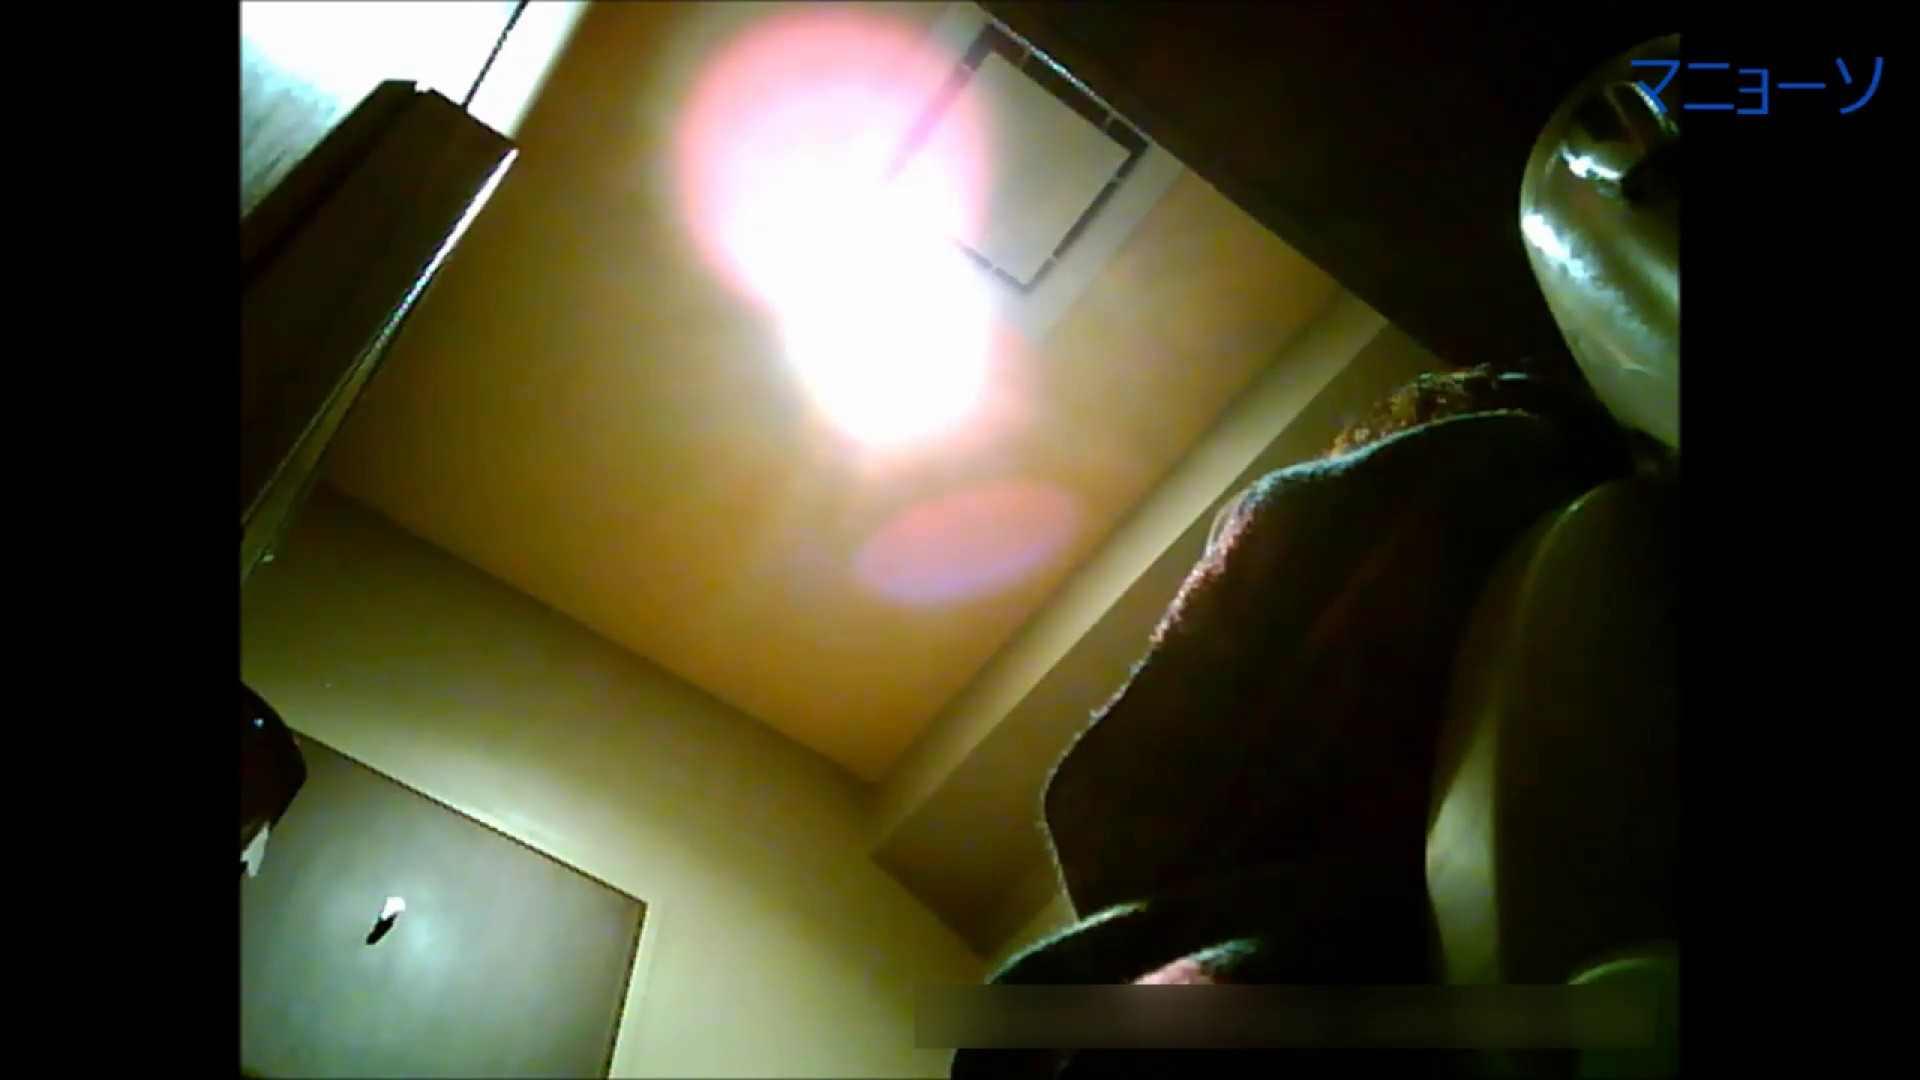 トイレでひと肌脱いでもらいました (JD編)Vol.02 トイレ  80pic 46